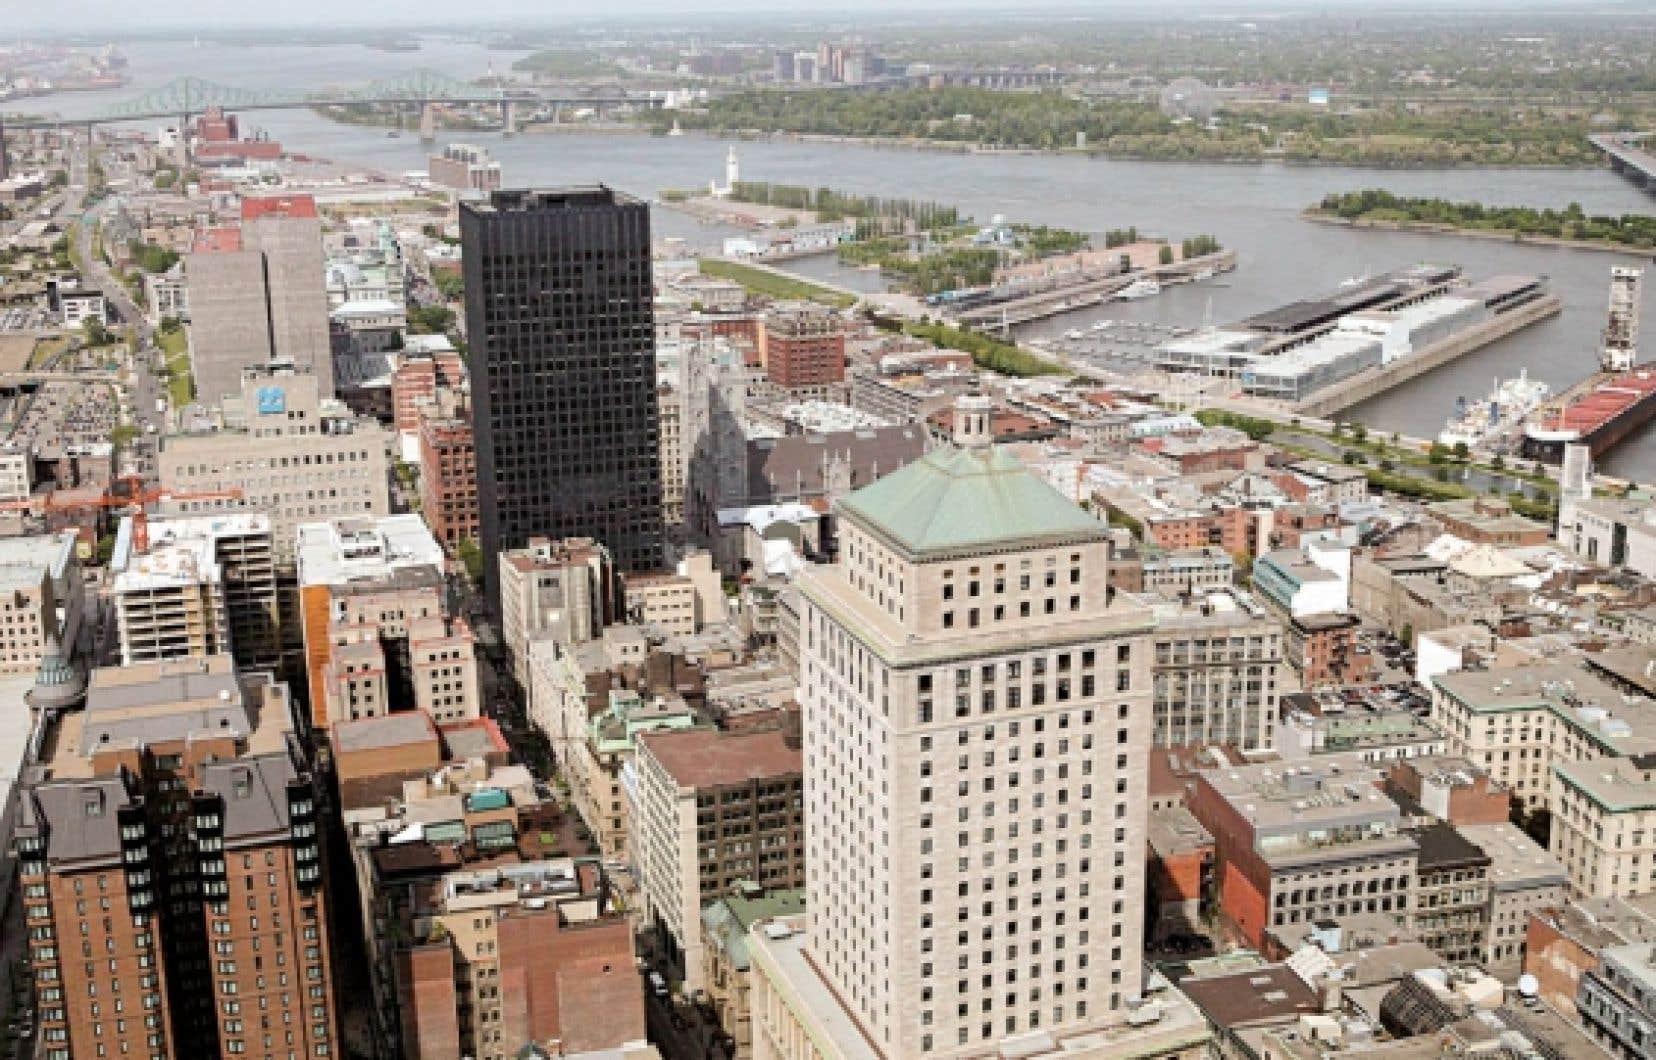 Plusieurs intervenants du Sommet sur la biodiversité de Montréal ont noté qu'une des failles dans la protection des écosystèmes de la région était l'absence ou l'inapplication des normes de protection des rives.